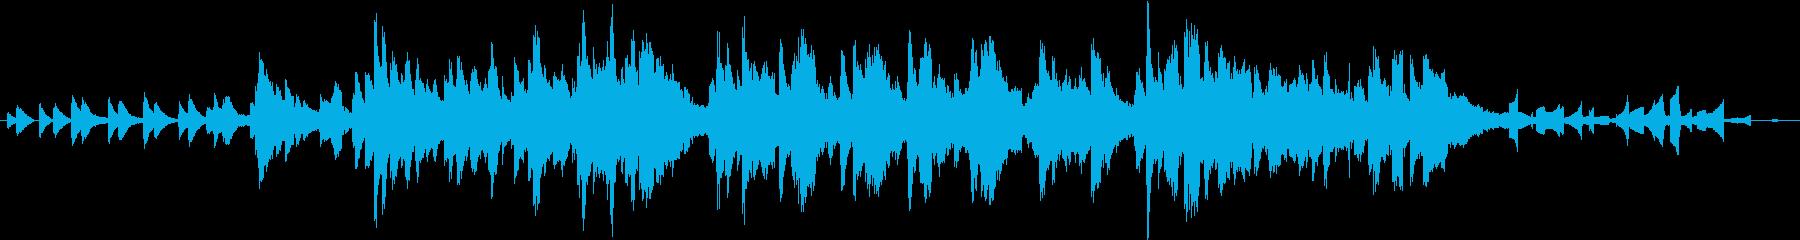 穏やかなアンビエント曲の再生済みの波形